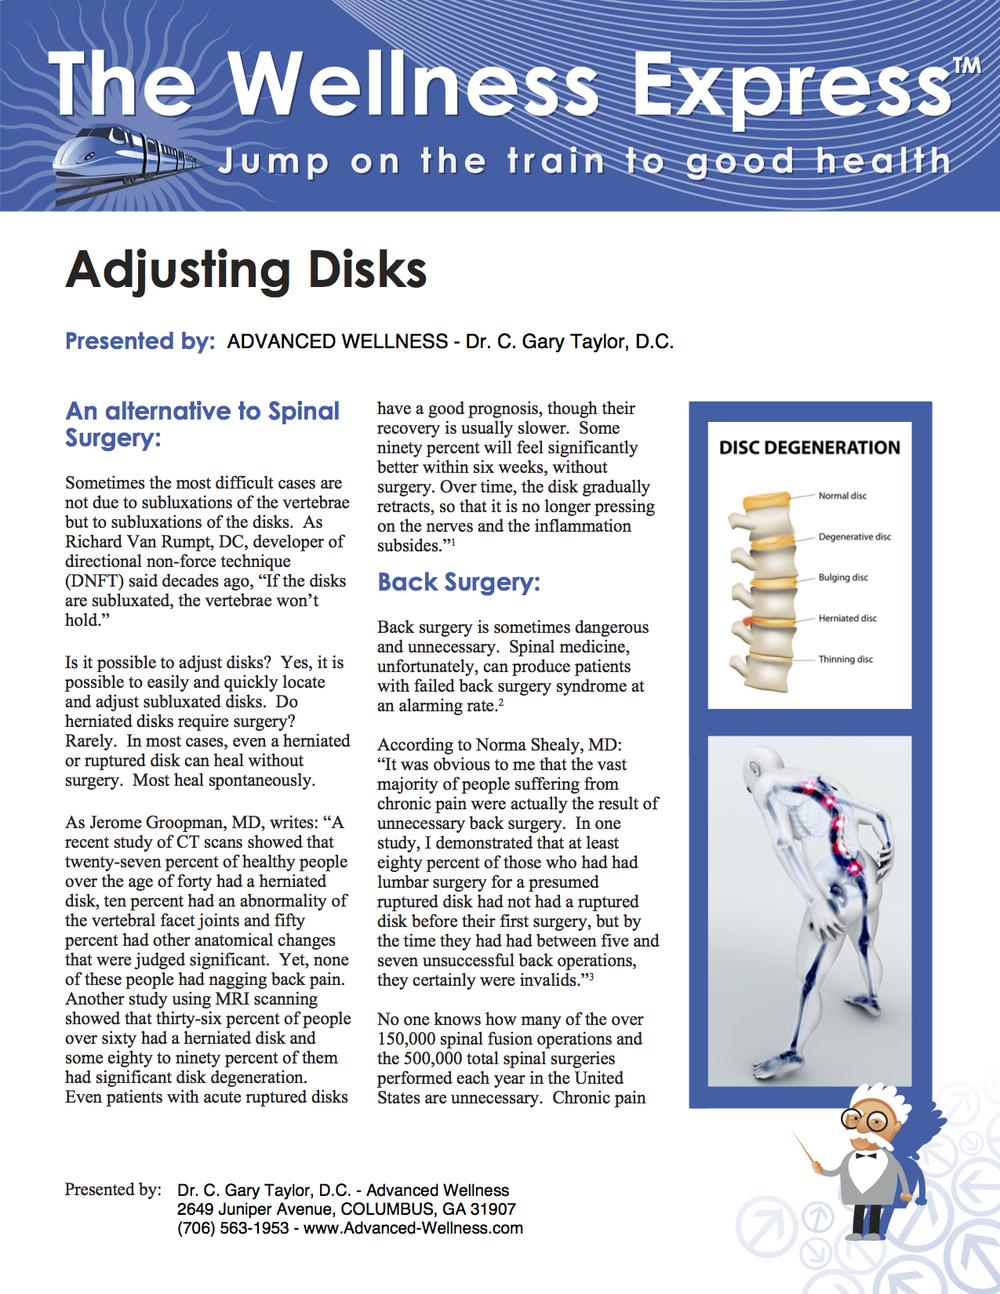 Weekly Newsletter: Adjusting Disks